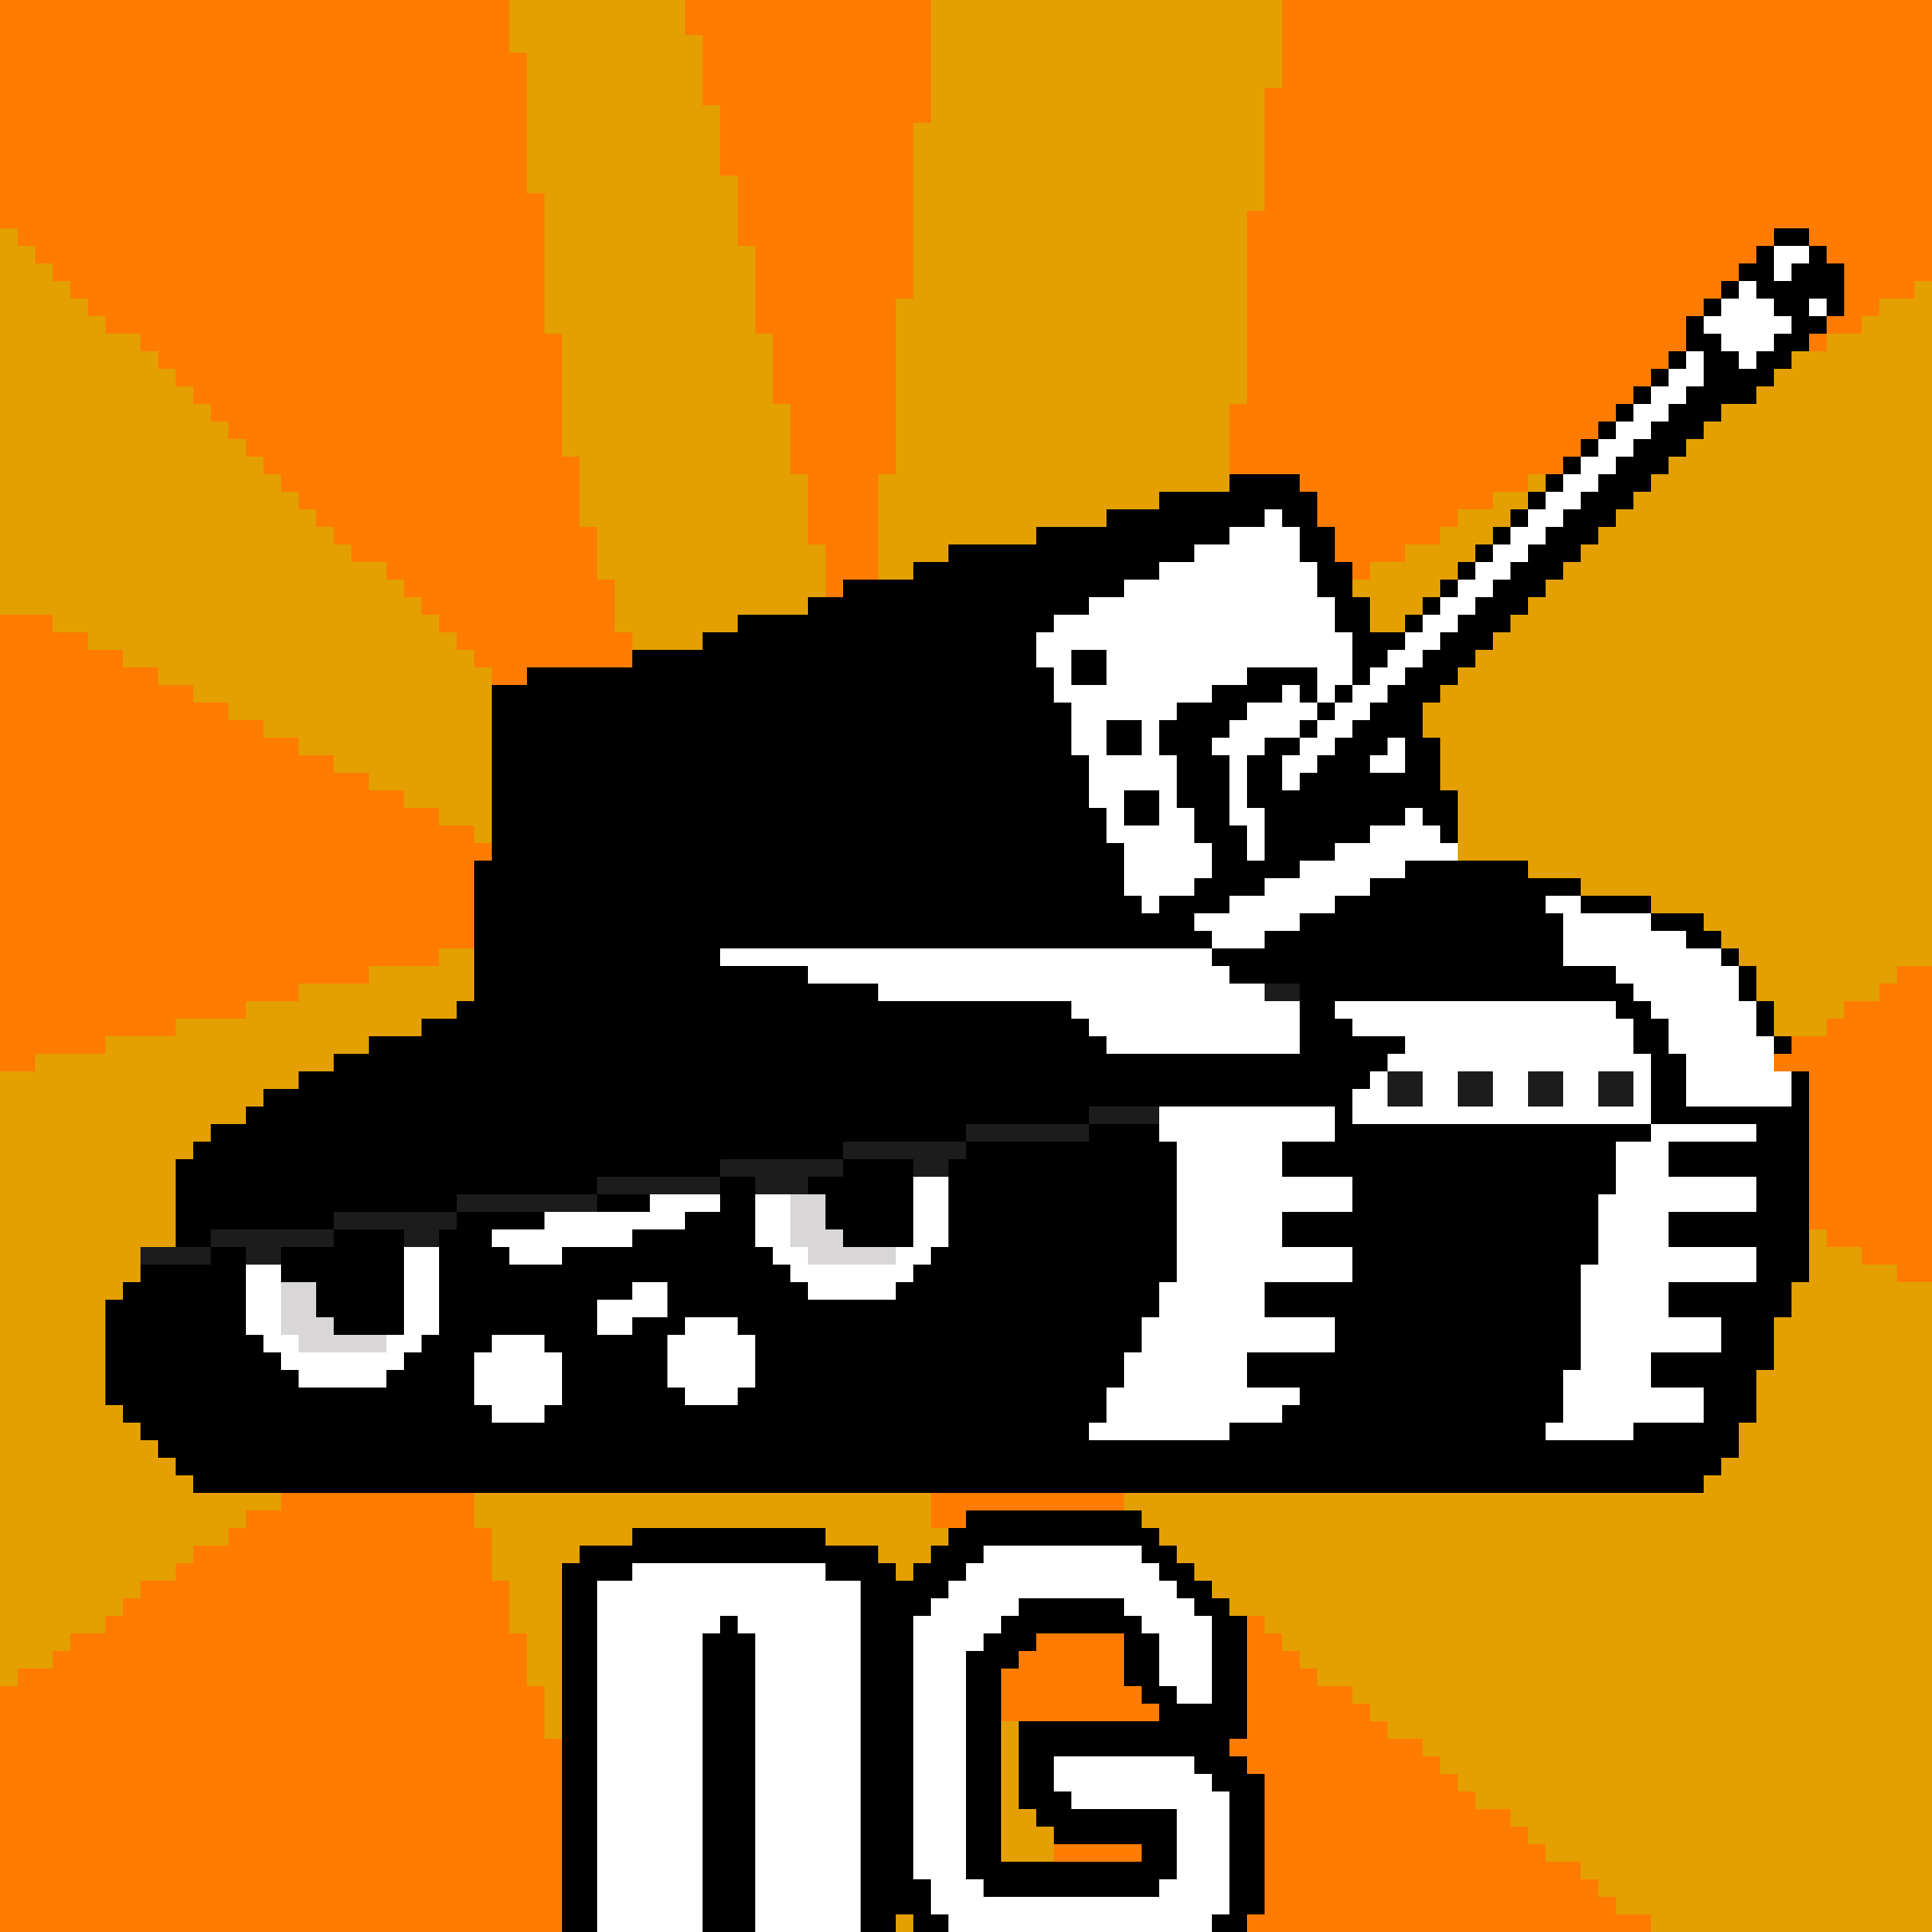 NG tank